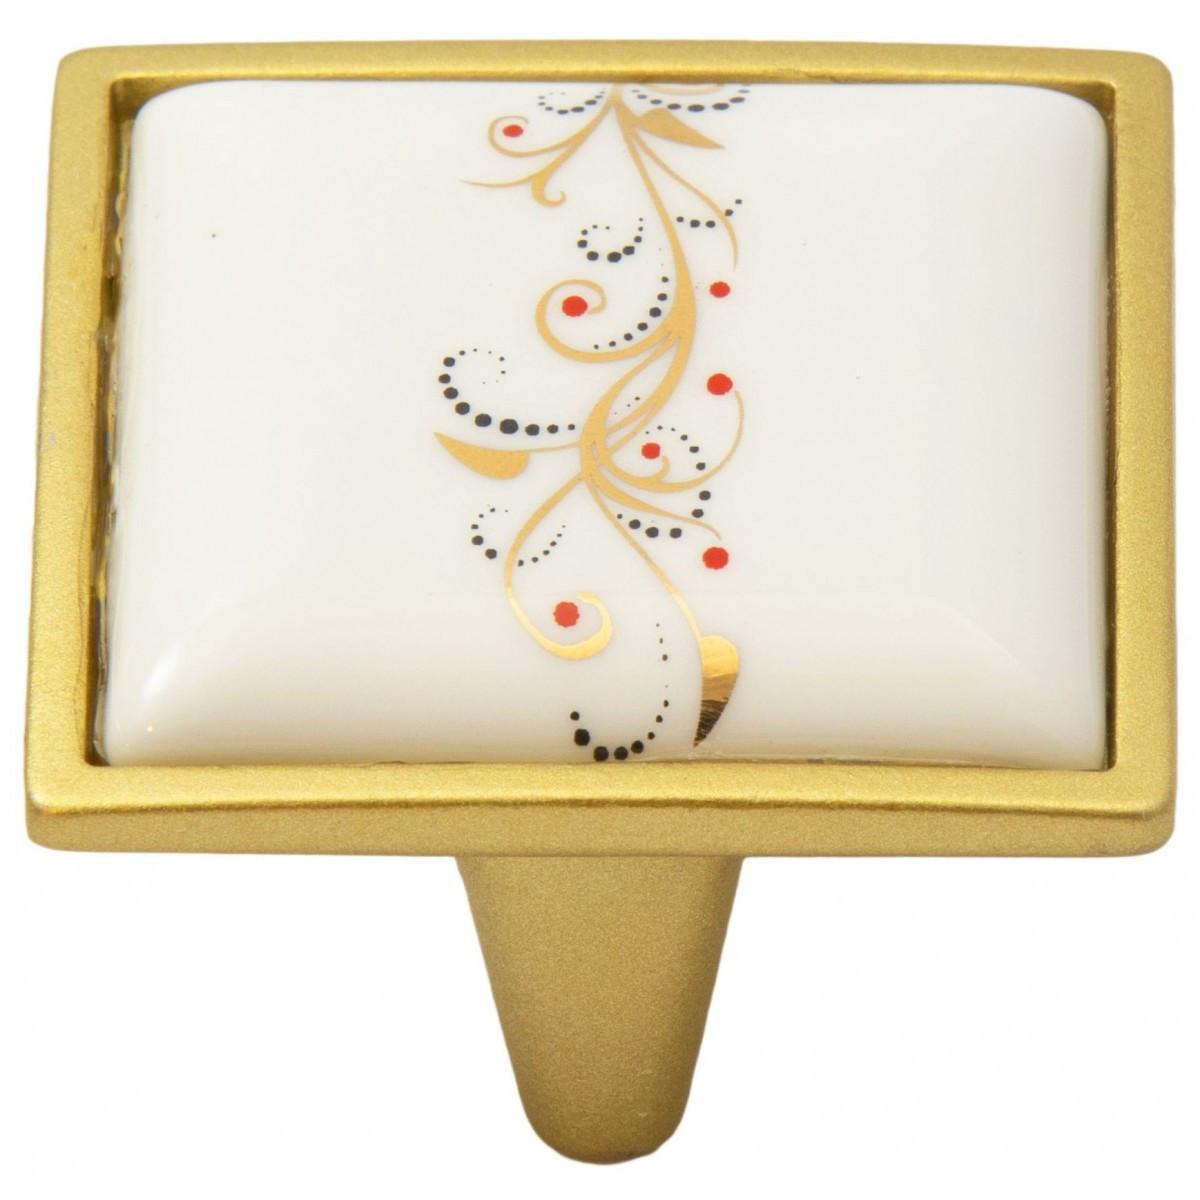 Ручка мебельная Ozkardesler 5352-04/41 керамика 32 мм PORSELEN Матовое Золото-Лоза